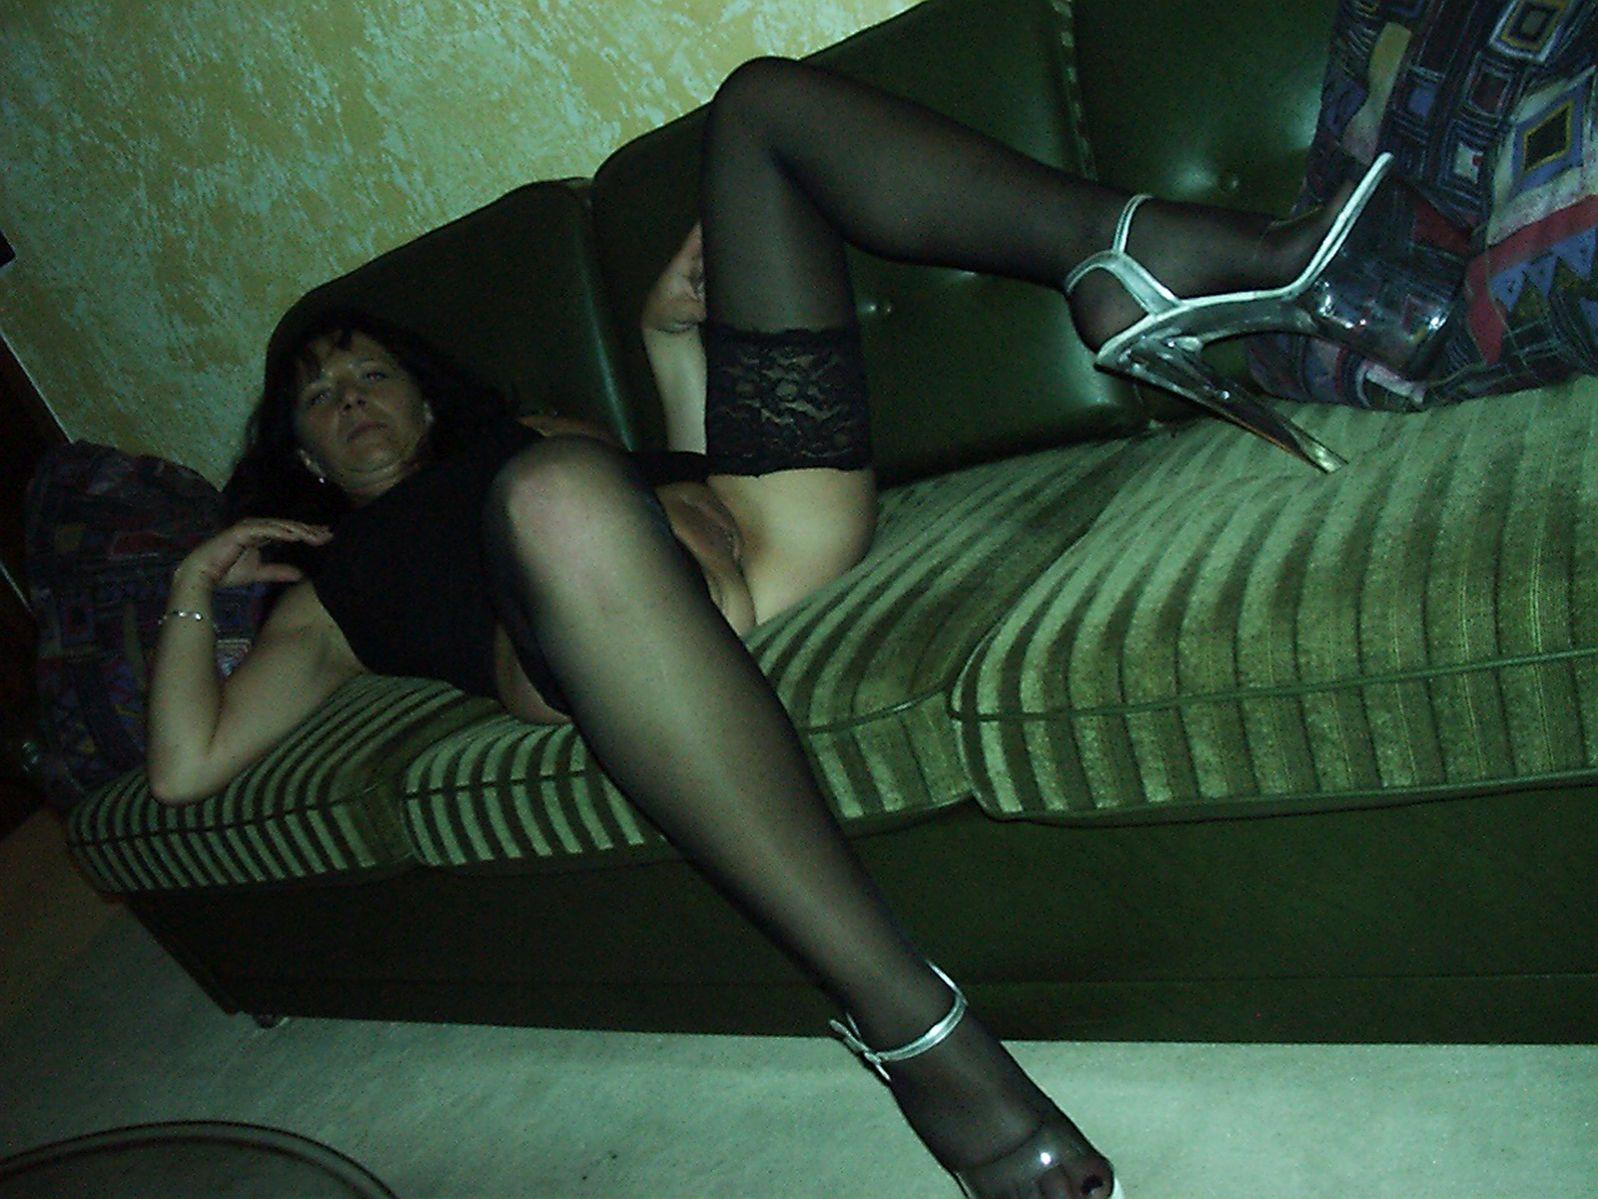 Frau unten ohne auf Sofa